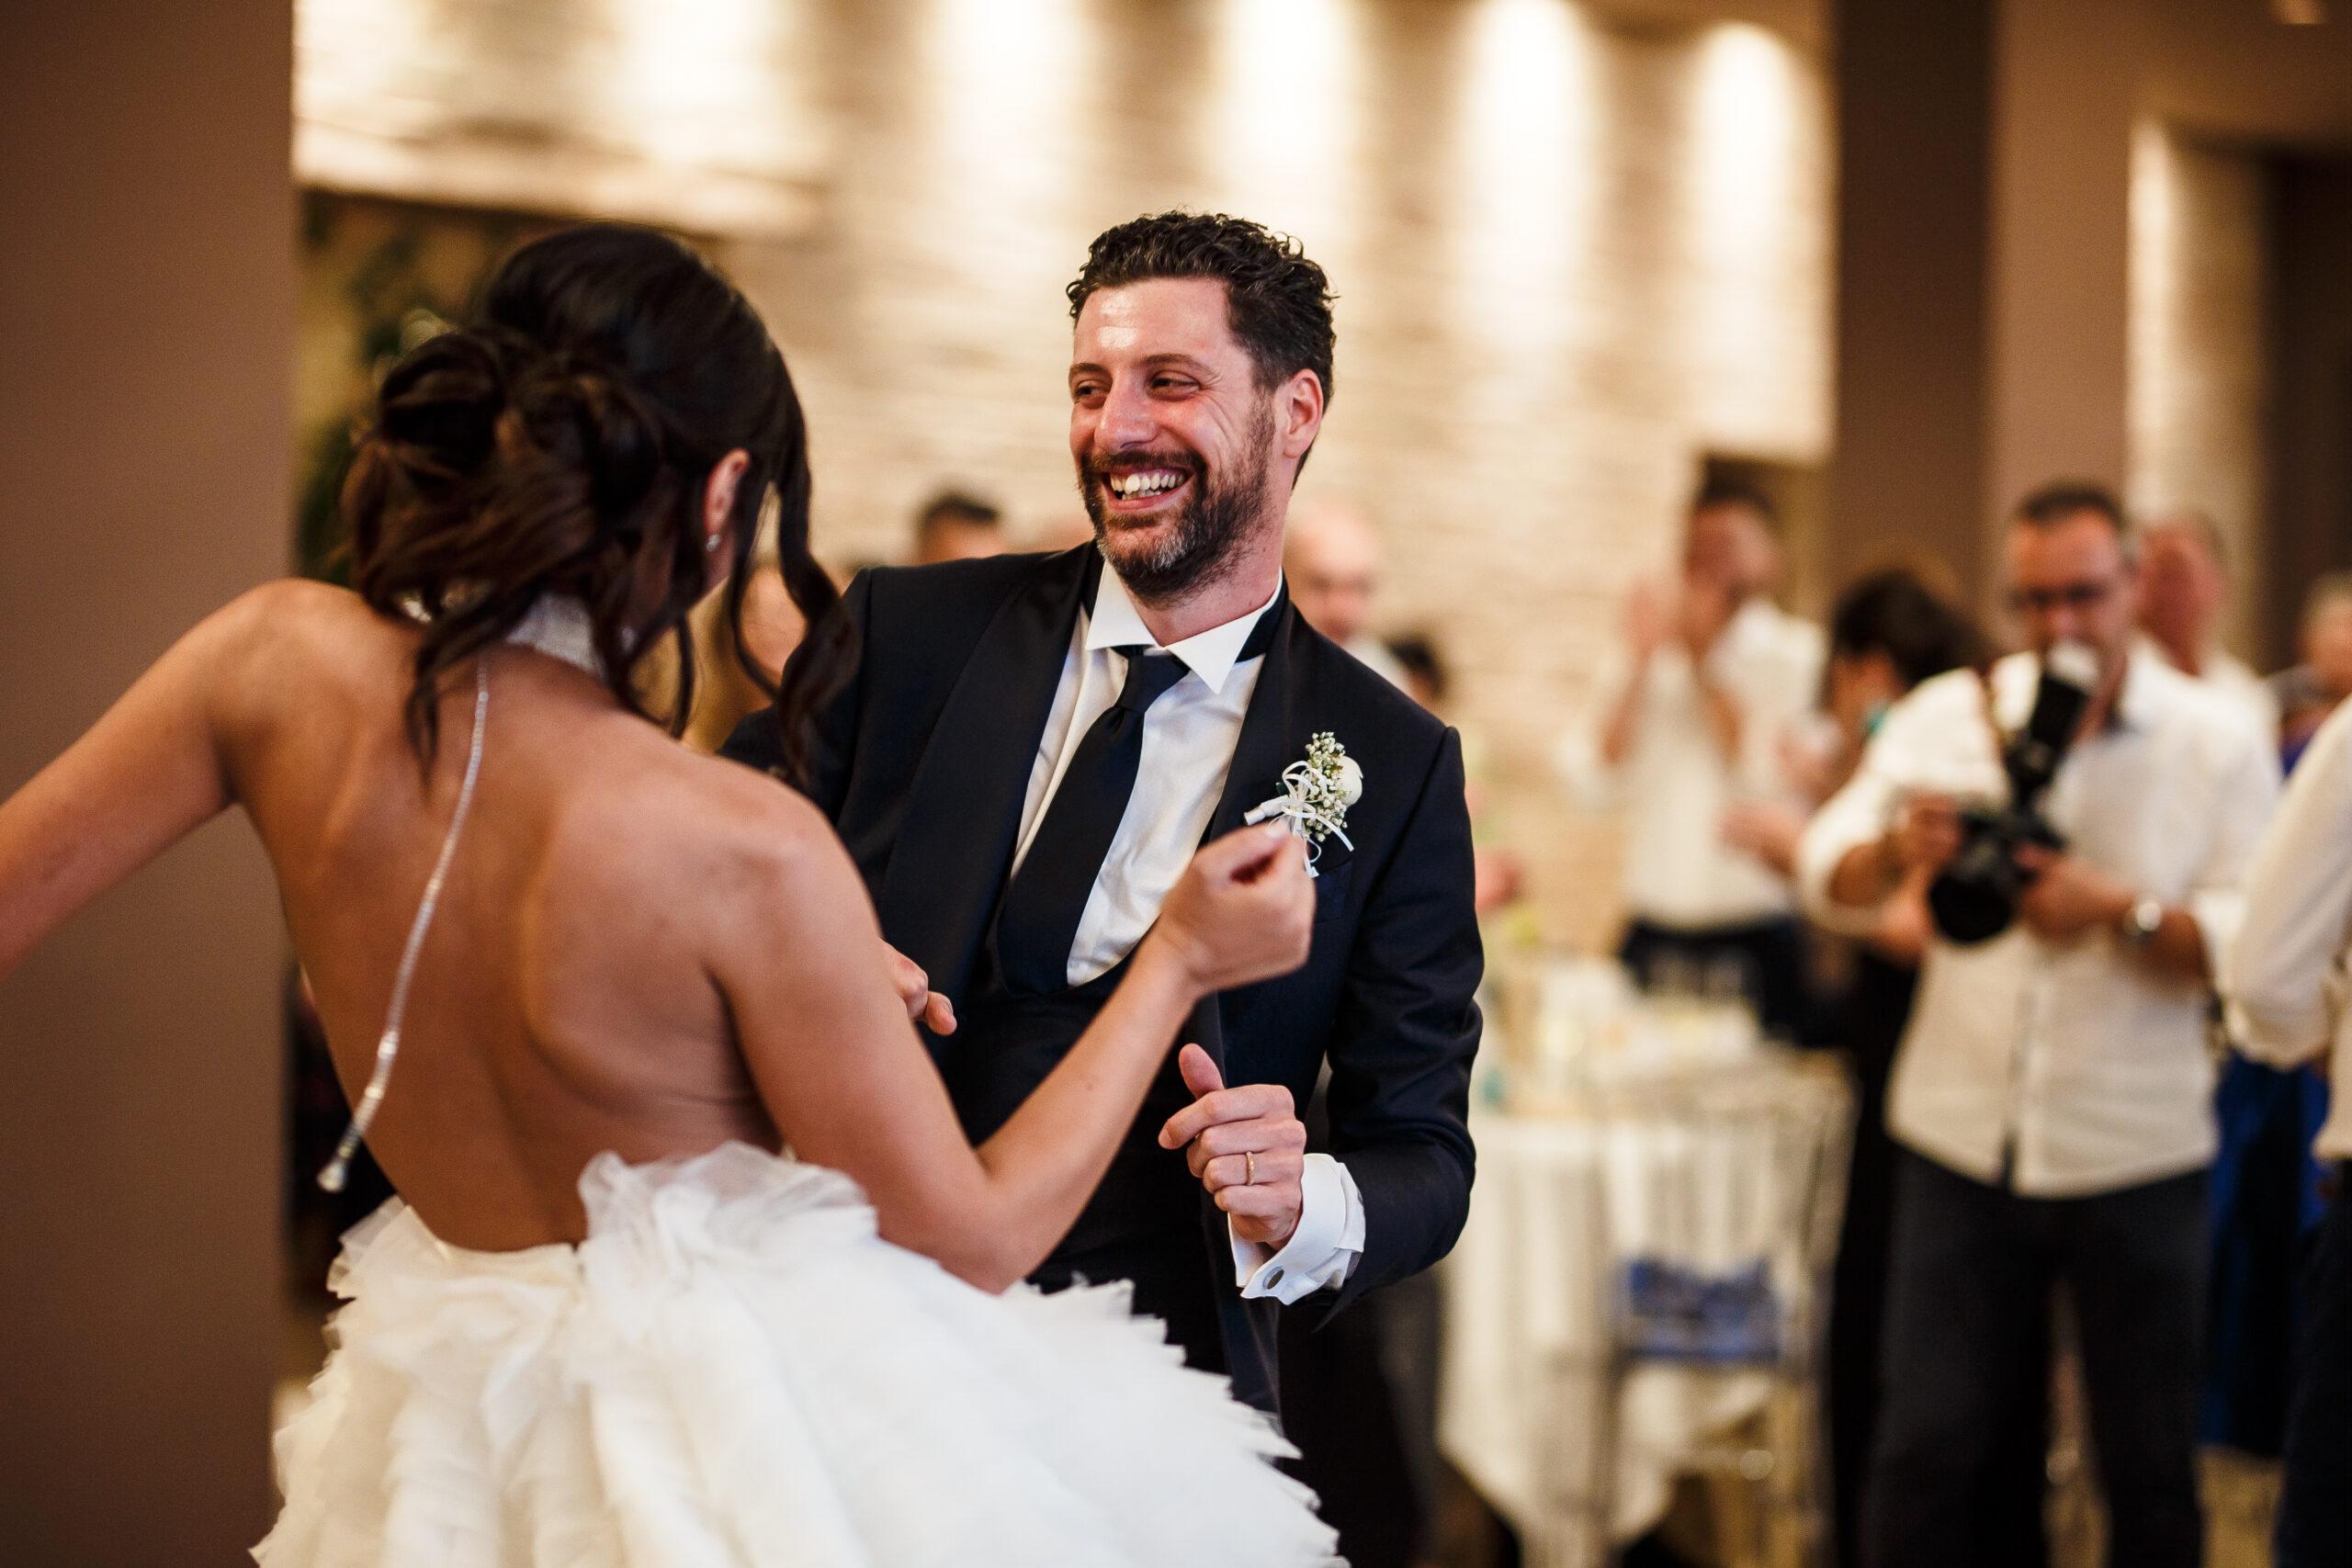 gli sposi che ballano salsa